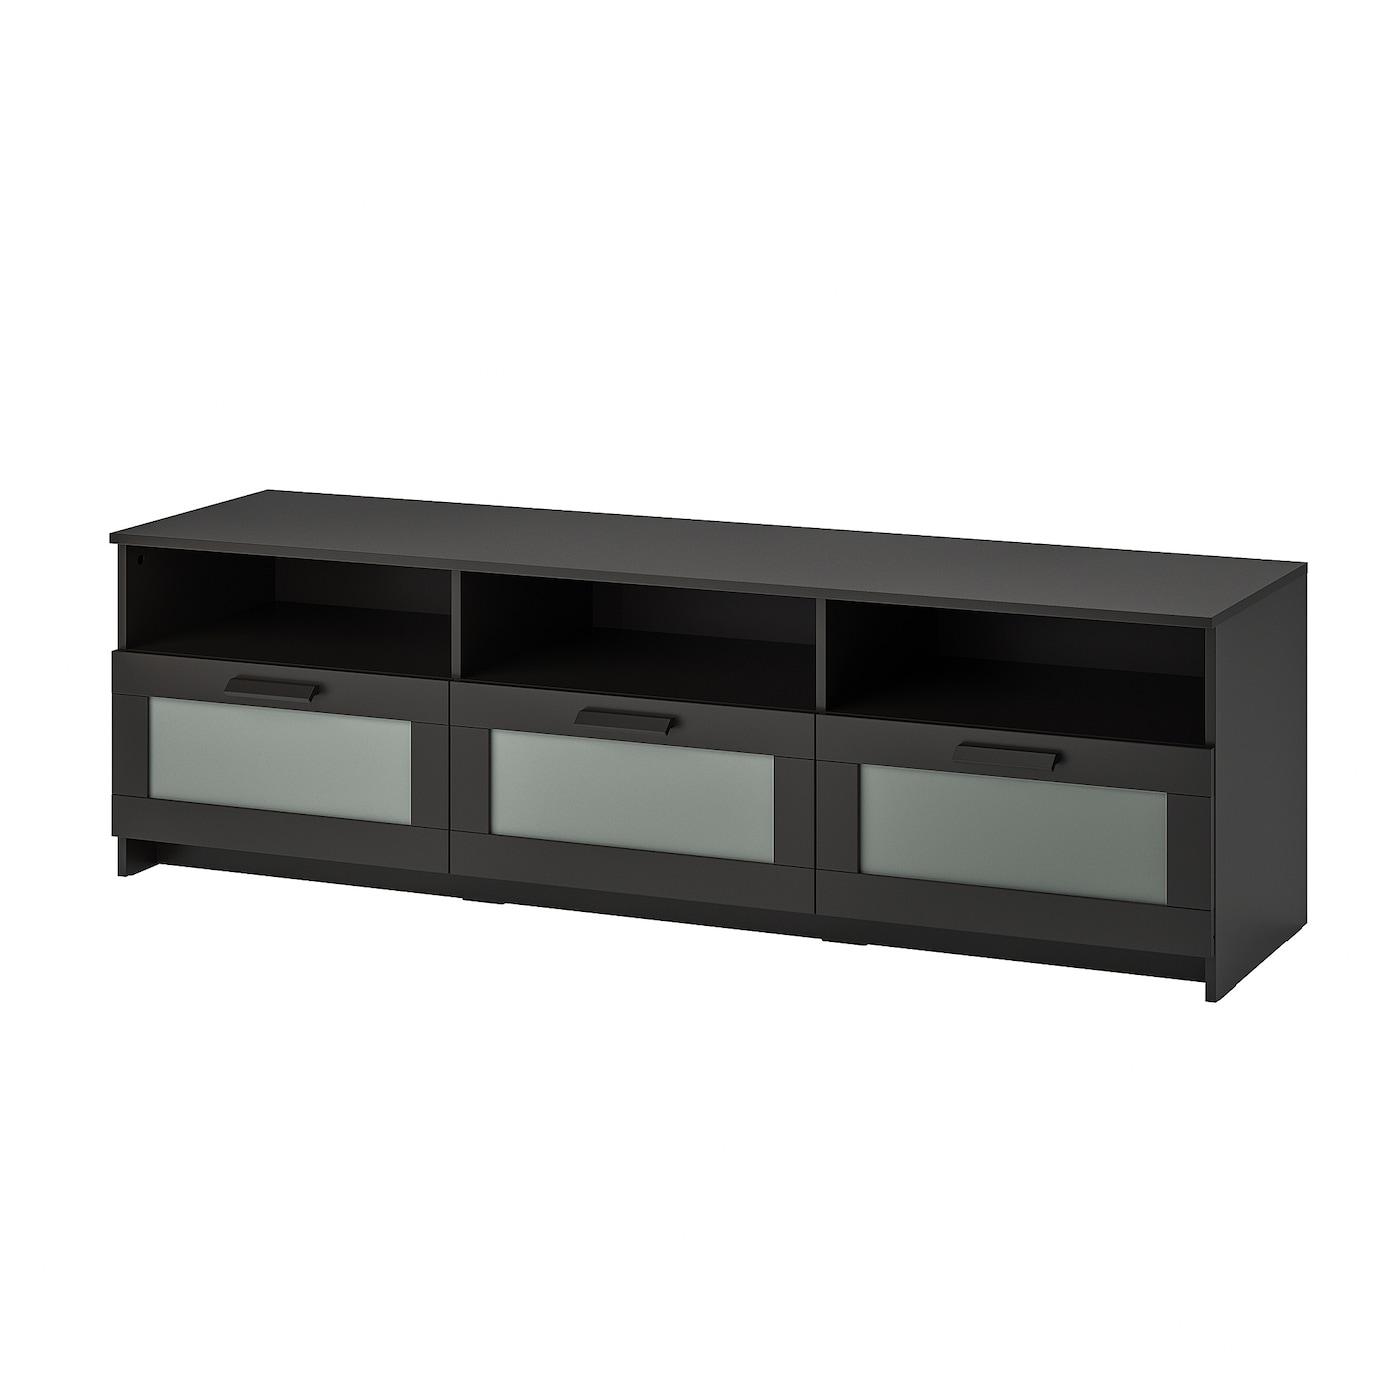 Brimnes Tv Unit Black 70 7 8x16 1 8x20 7 8 Ikea